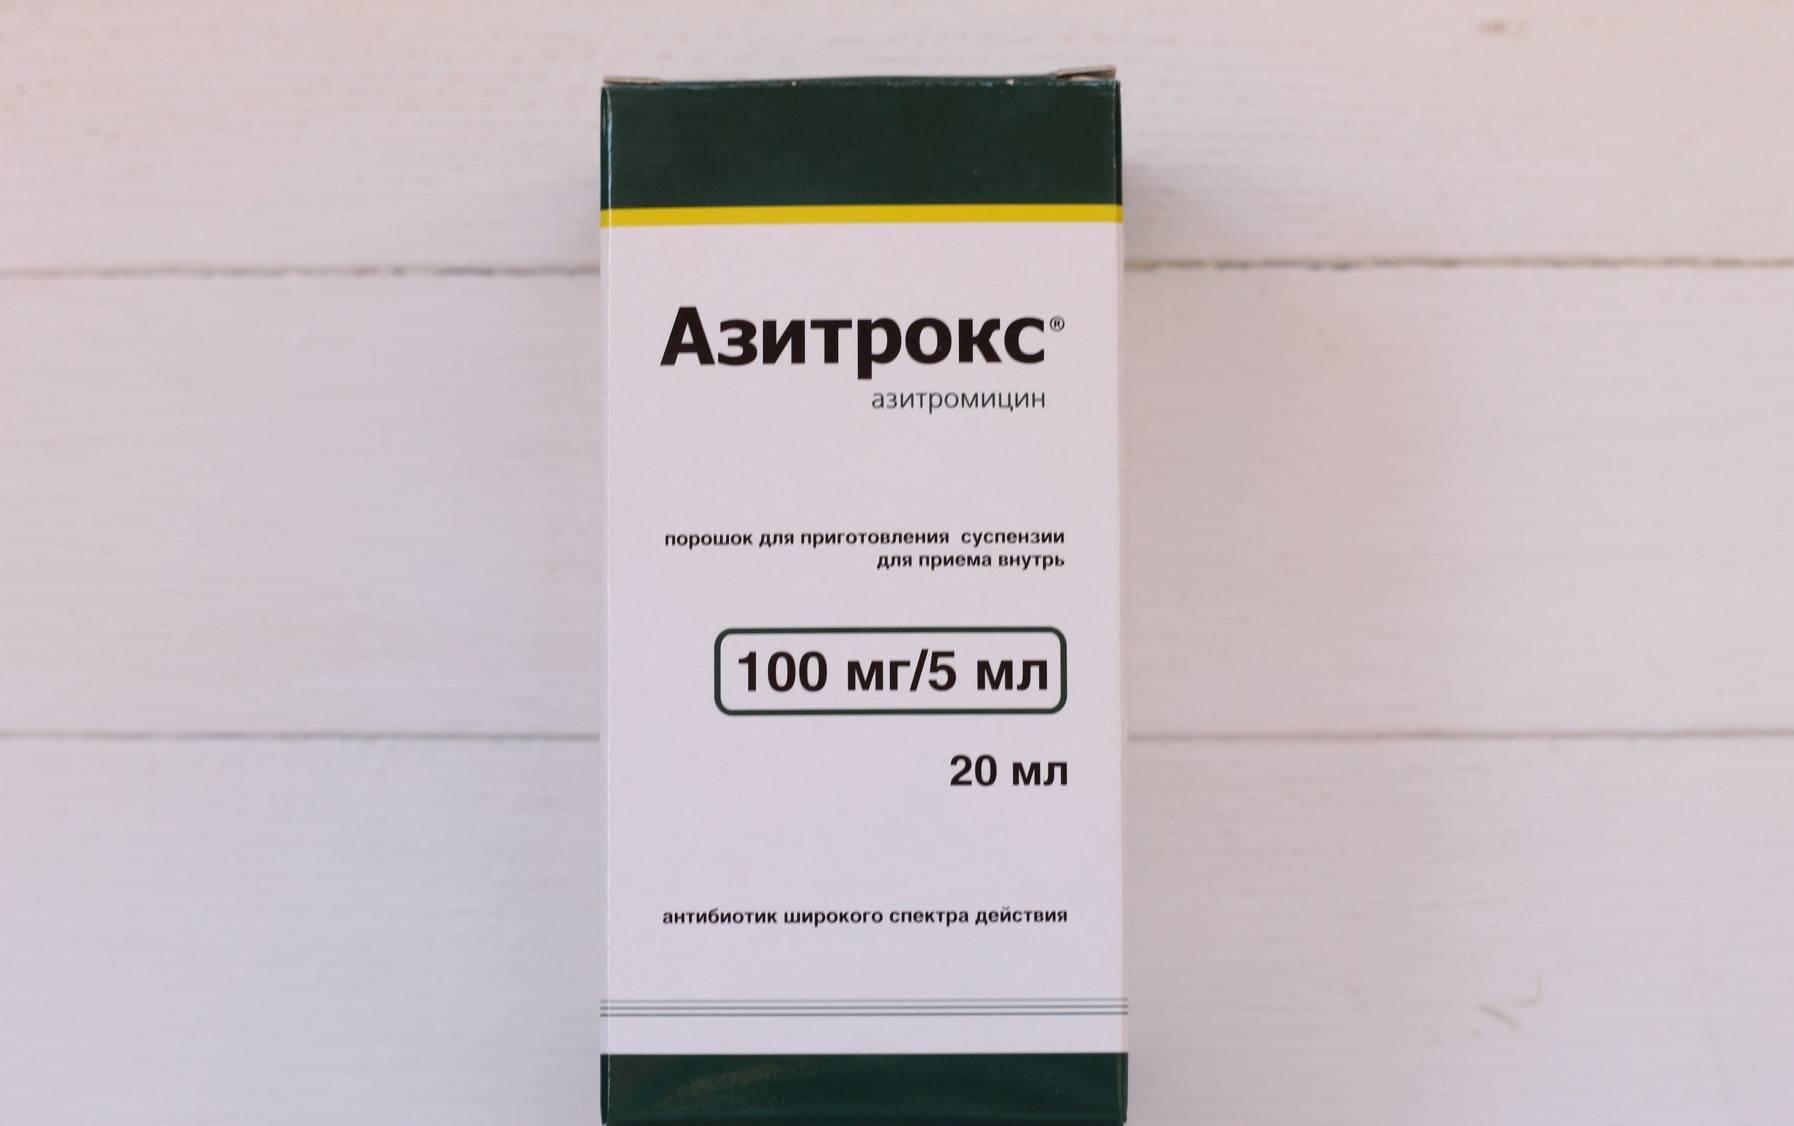 Таблетки и суспензия для детей «азитрокс»: инструкция по применению, цены и отзывы